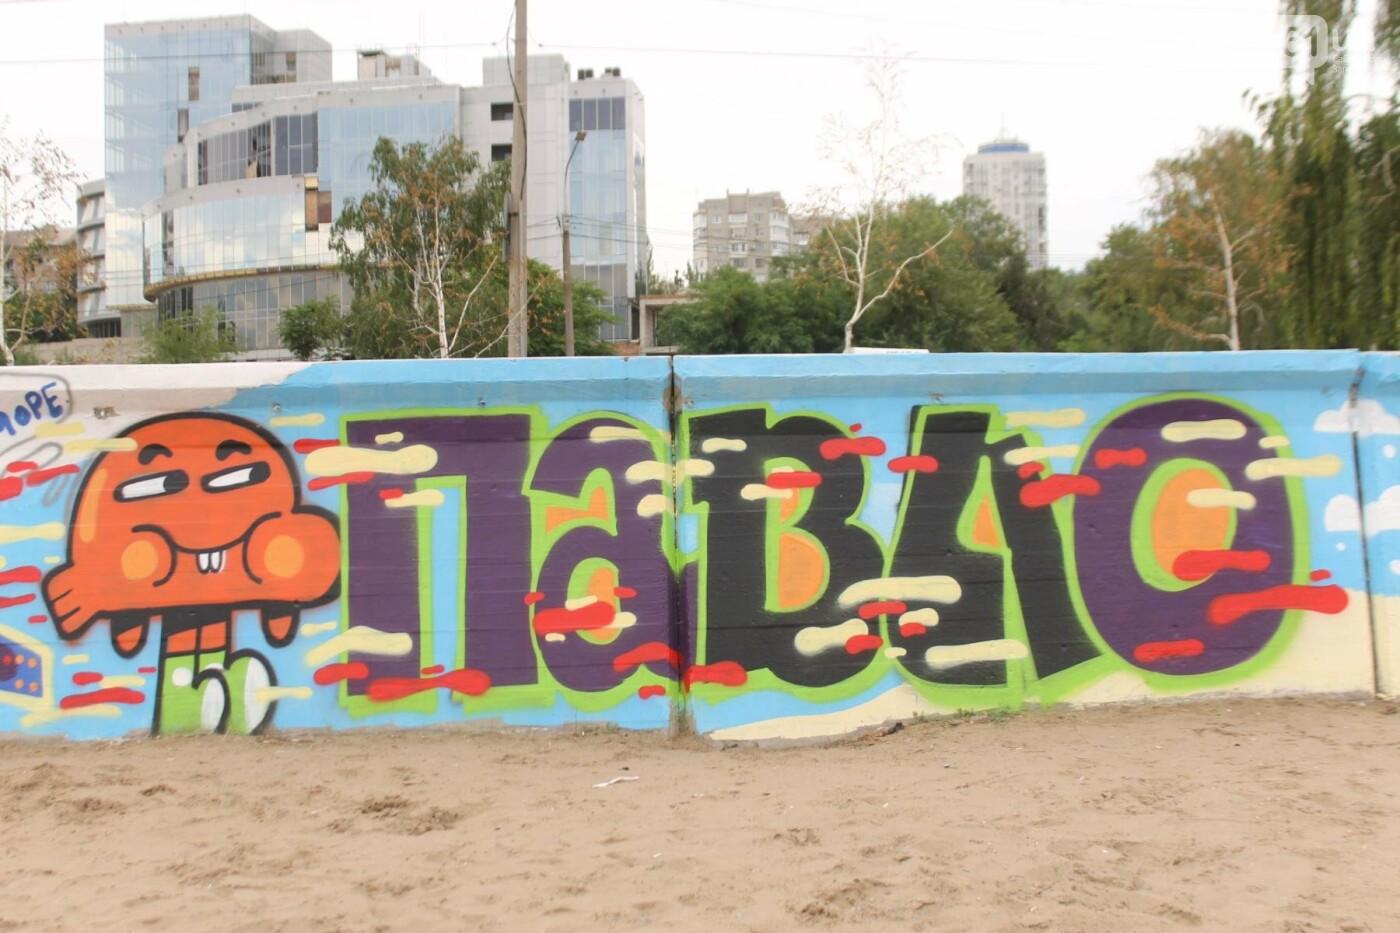 В Запорожье на пляже закончился фестиваль граффити: разрисовали 150 метров бетонной стены, – ФОТОРЕПОРТАЖ, фото-36